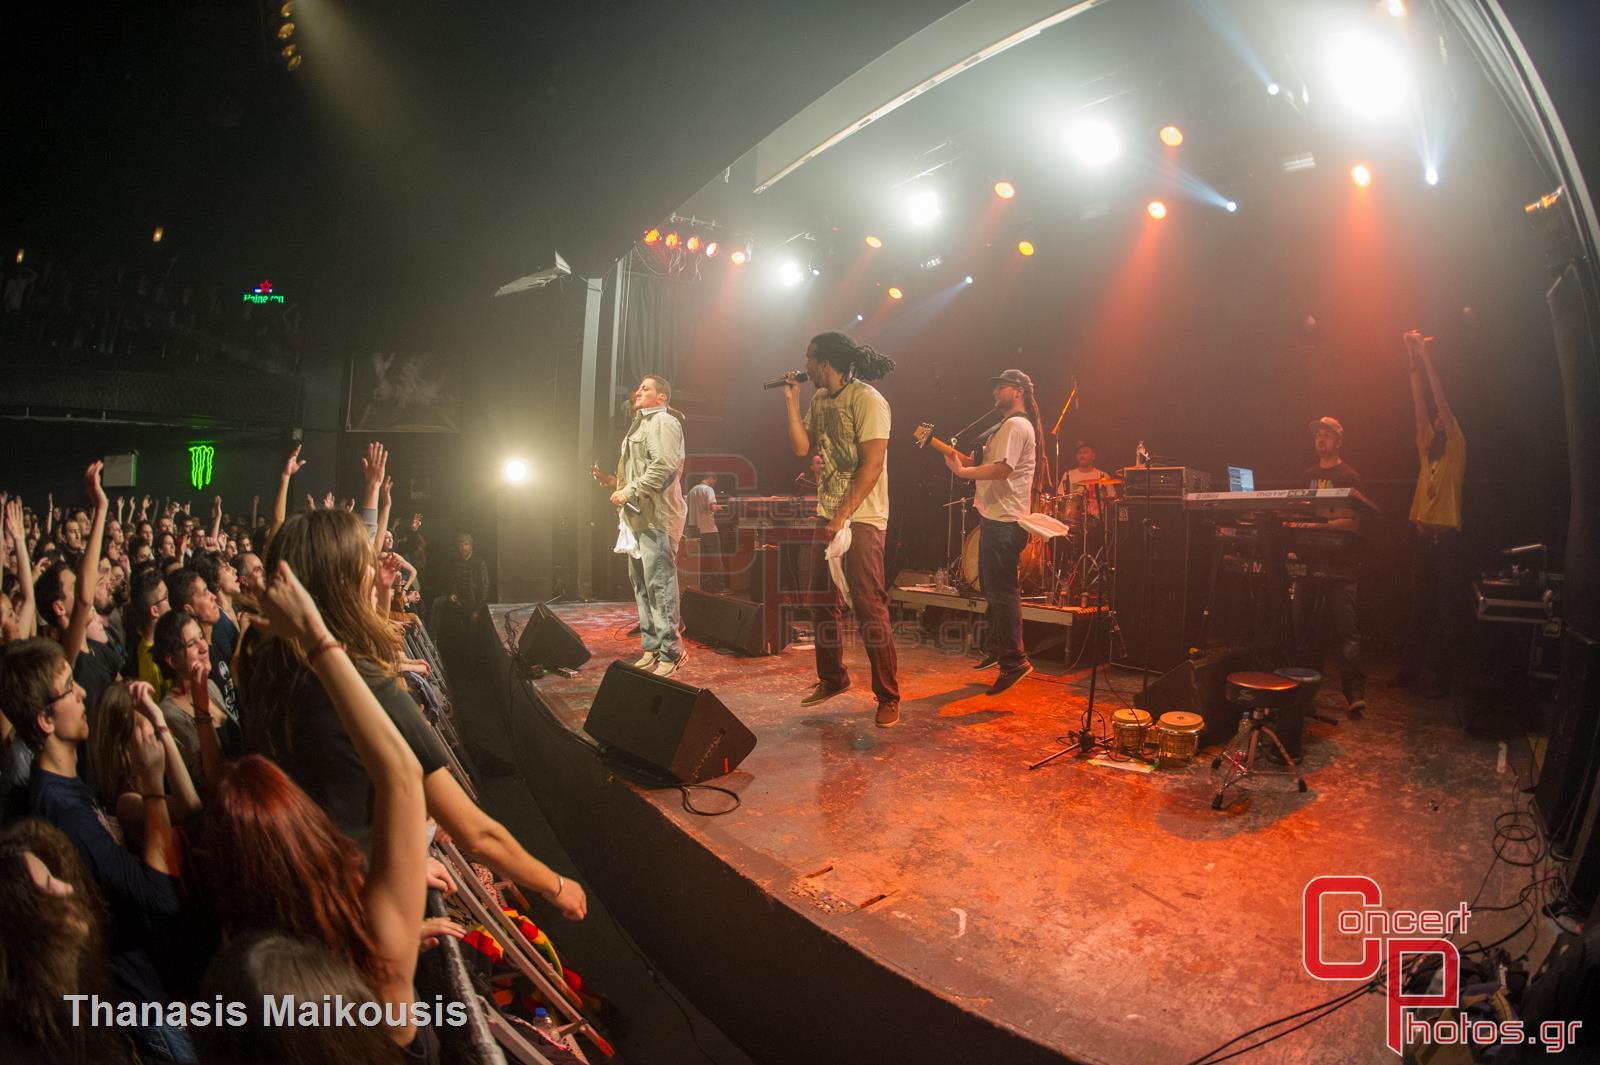 Dub Inc-Dub Inc photographer: Thanasis Maikousis - concertphotos_-5893